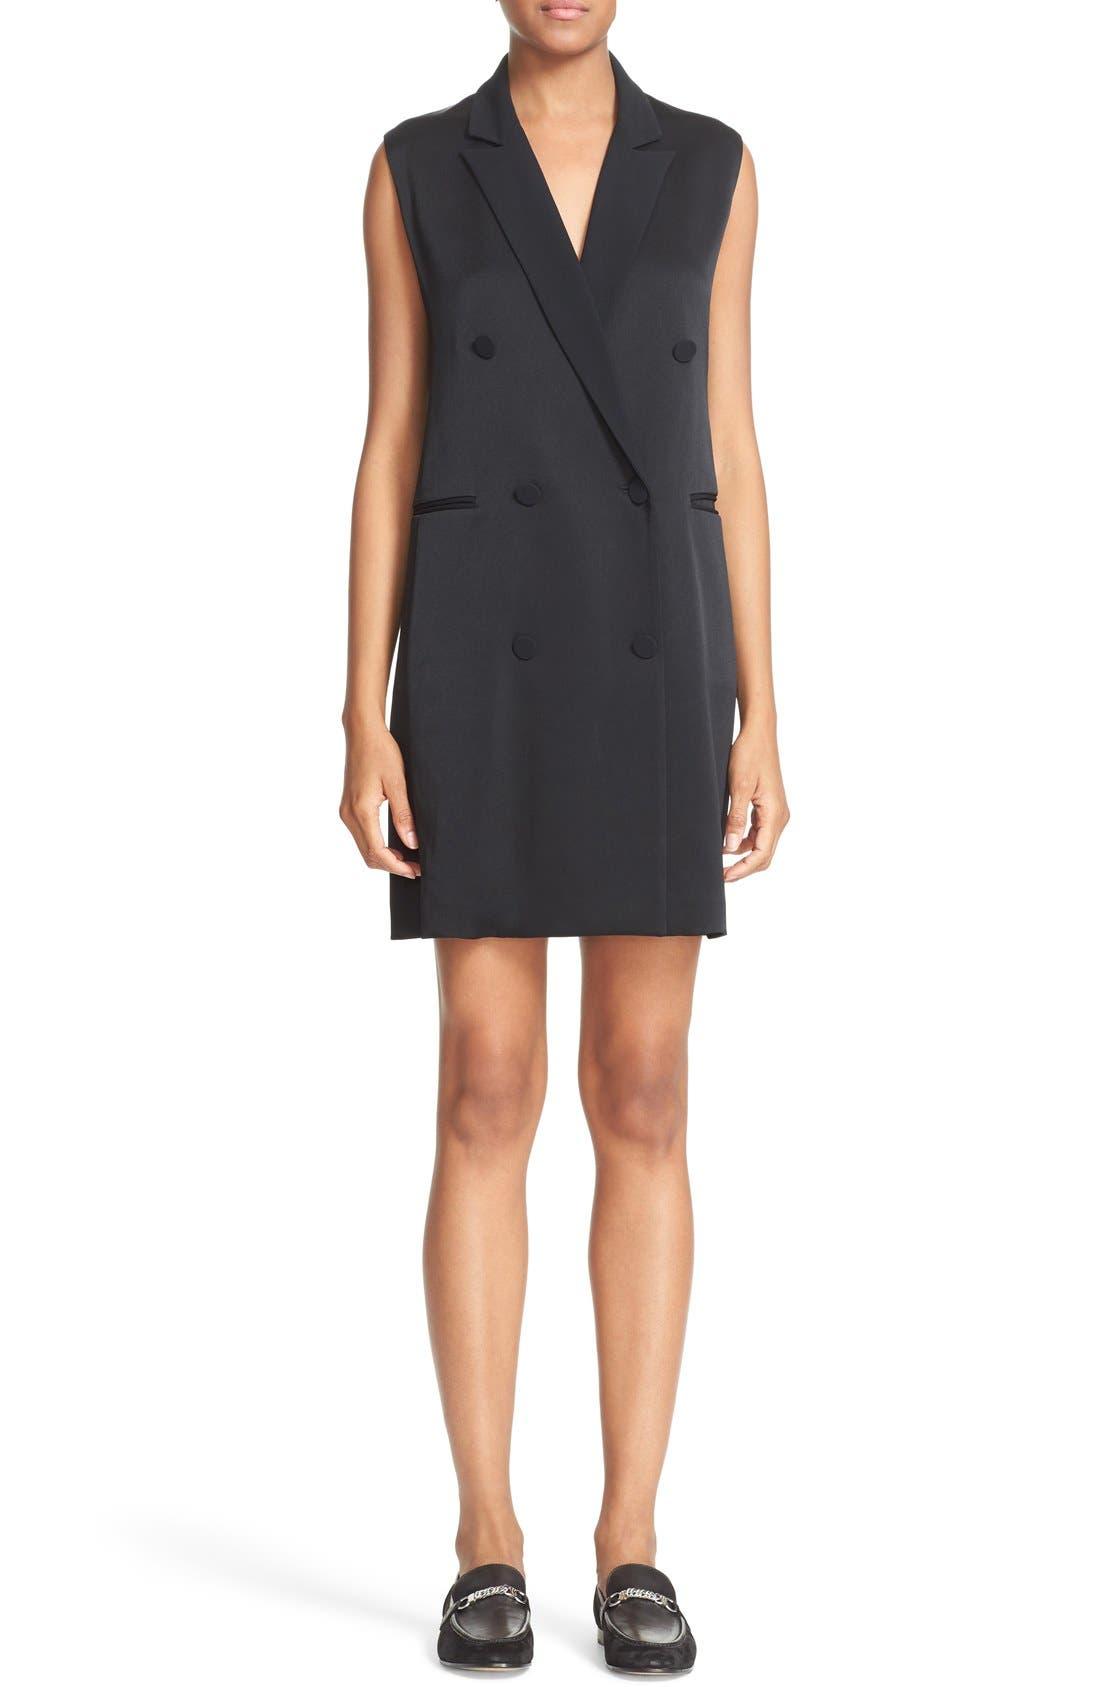 'Adler' Sleeveless Blazer Dress,                             Main thumbnail 1, color,                             001